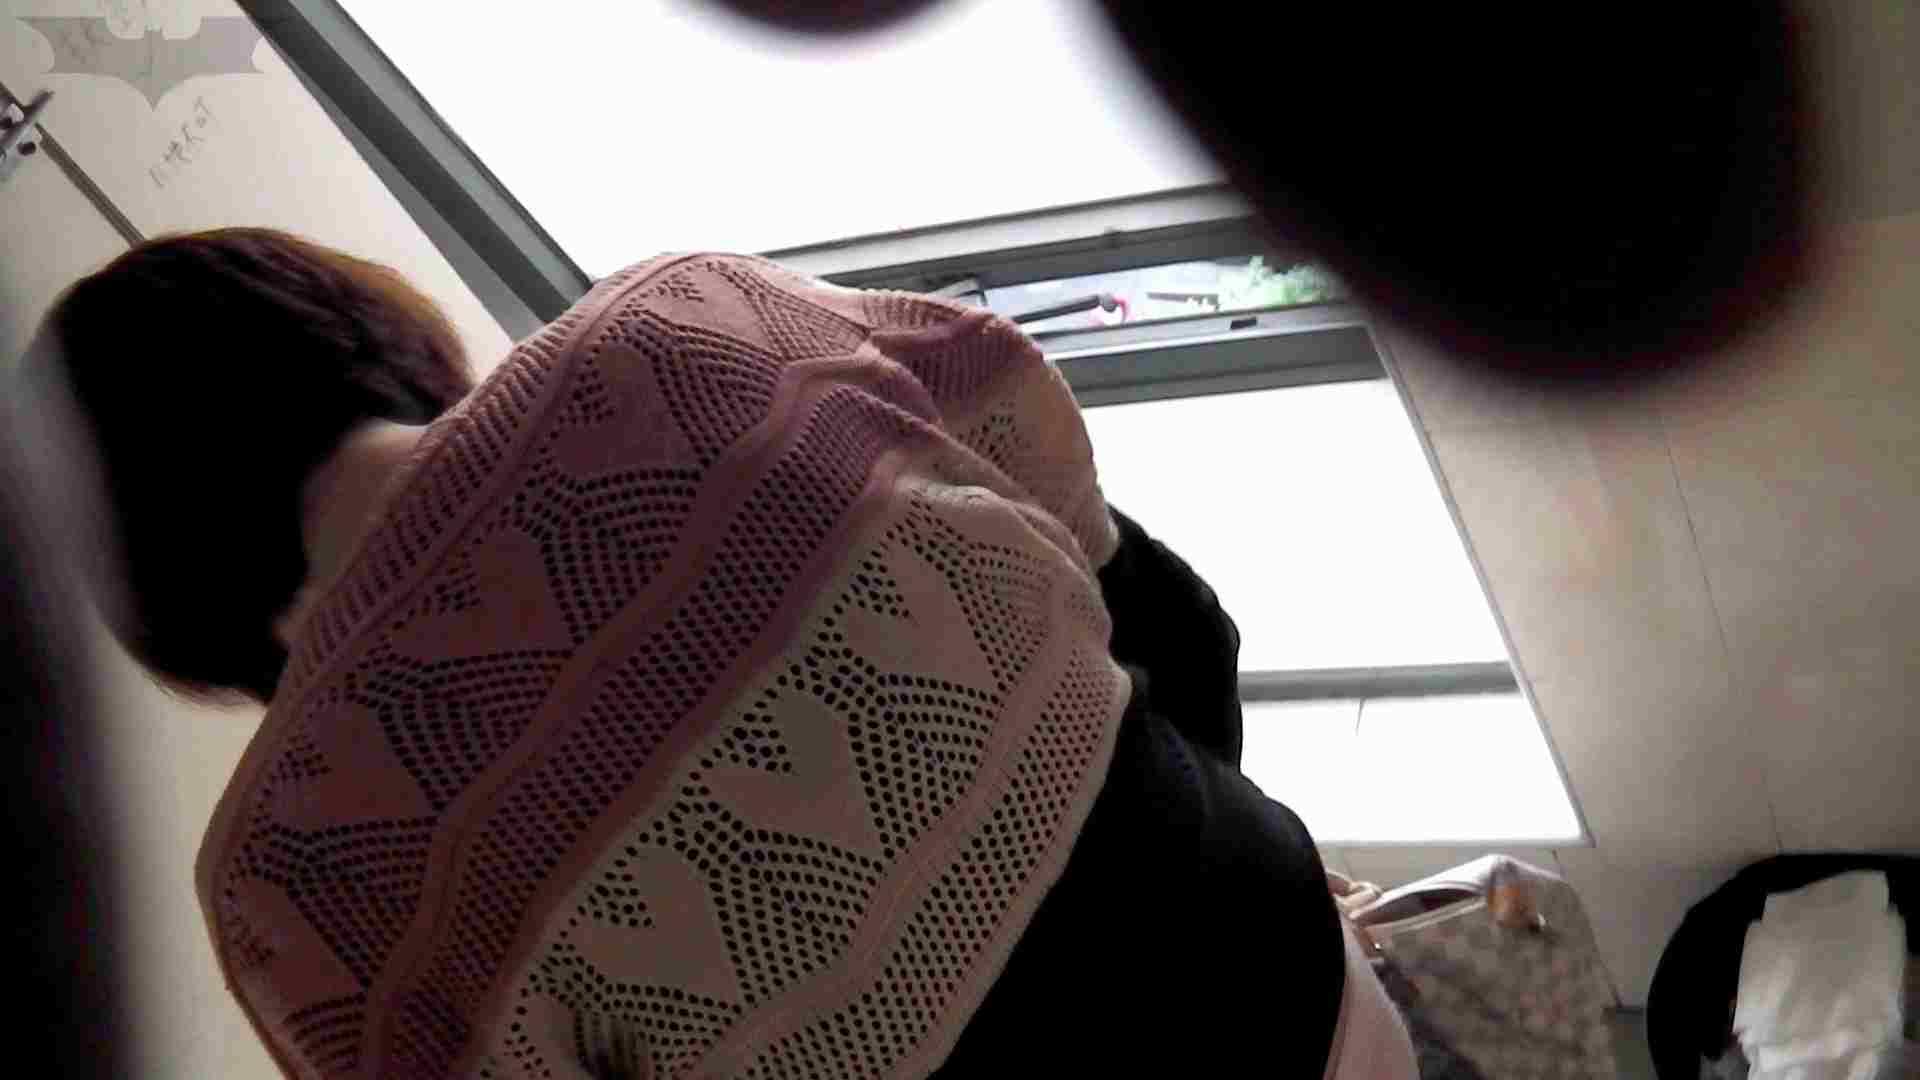 ステーション編 vol.28 無料動画に登場したモデルつい本番登場!! 丸見え ワレメ動画紹介 29画像 9